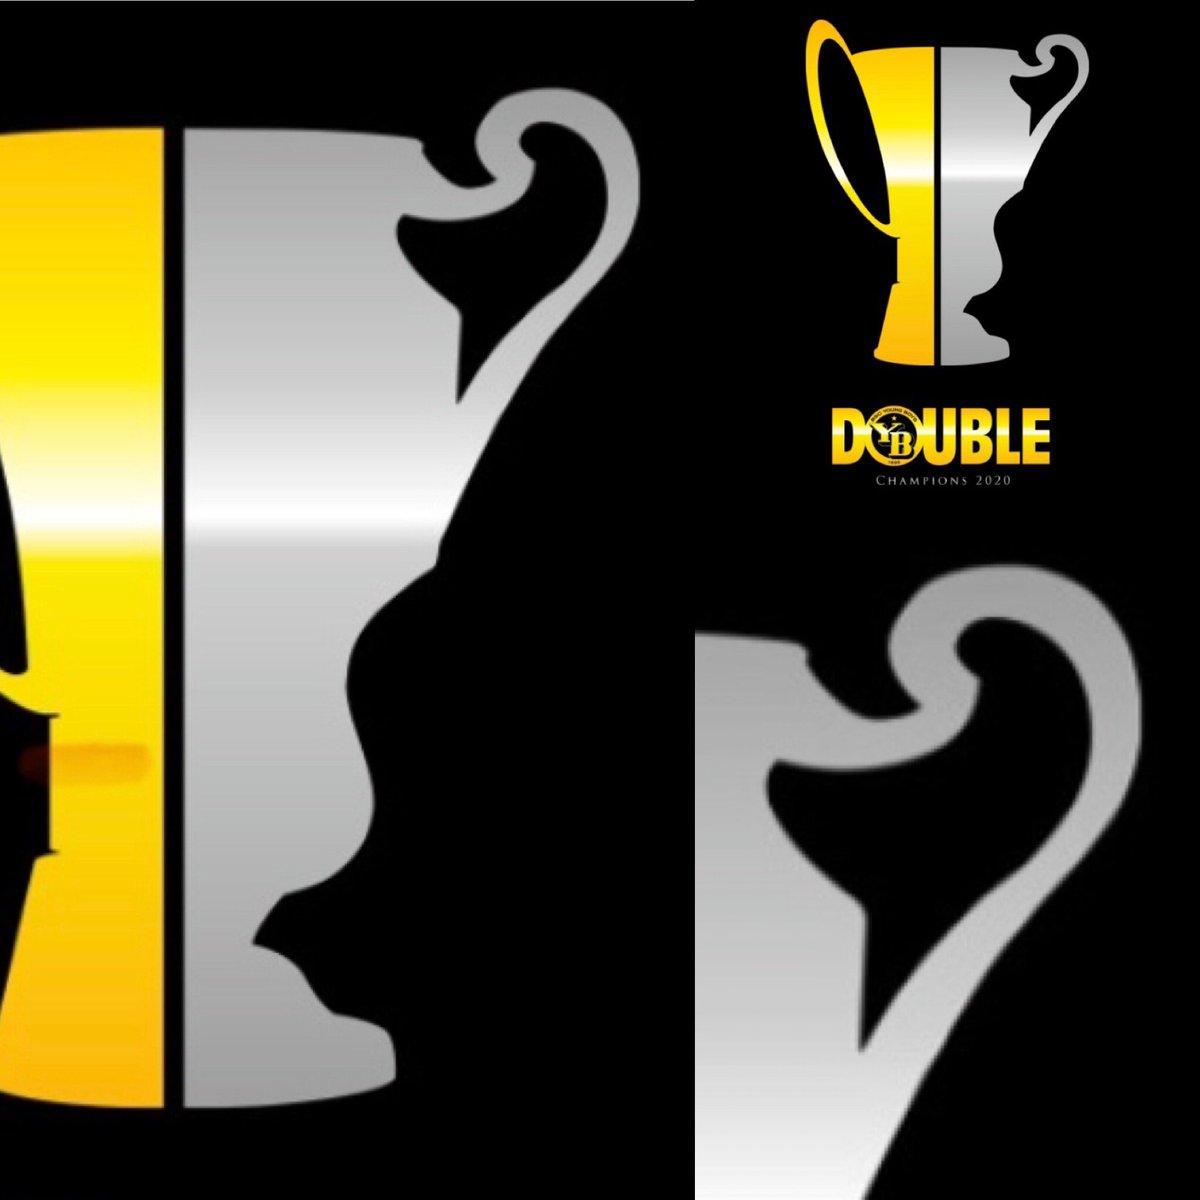 test Twitter Media - Schön, dass wir beim genauen Betrachten des Henkels (mit ein bisschen Fantasie) daran erinnert werden, gegen wen wir den Cup gewonnen haben... 🏆 #BSCYB #YBDOUBLE2020 #YBFOREVER https://t.co/Qdw7tYD4Nv